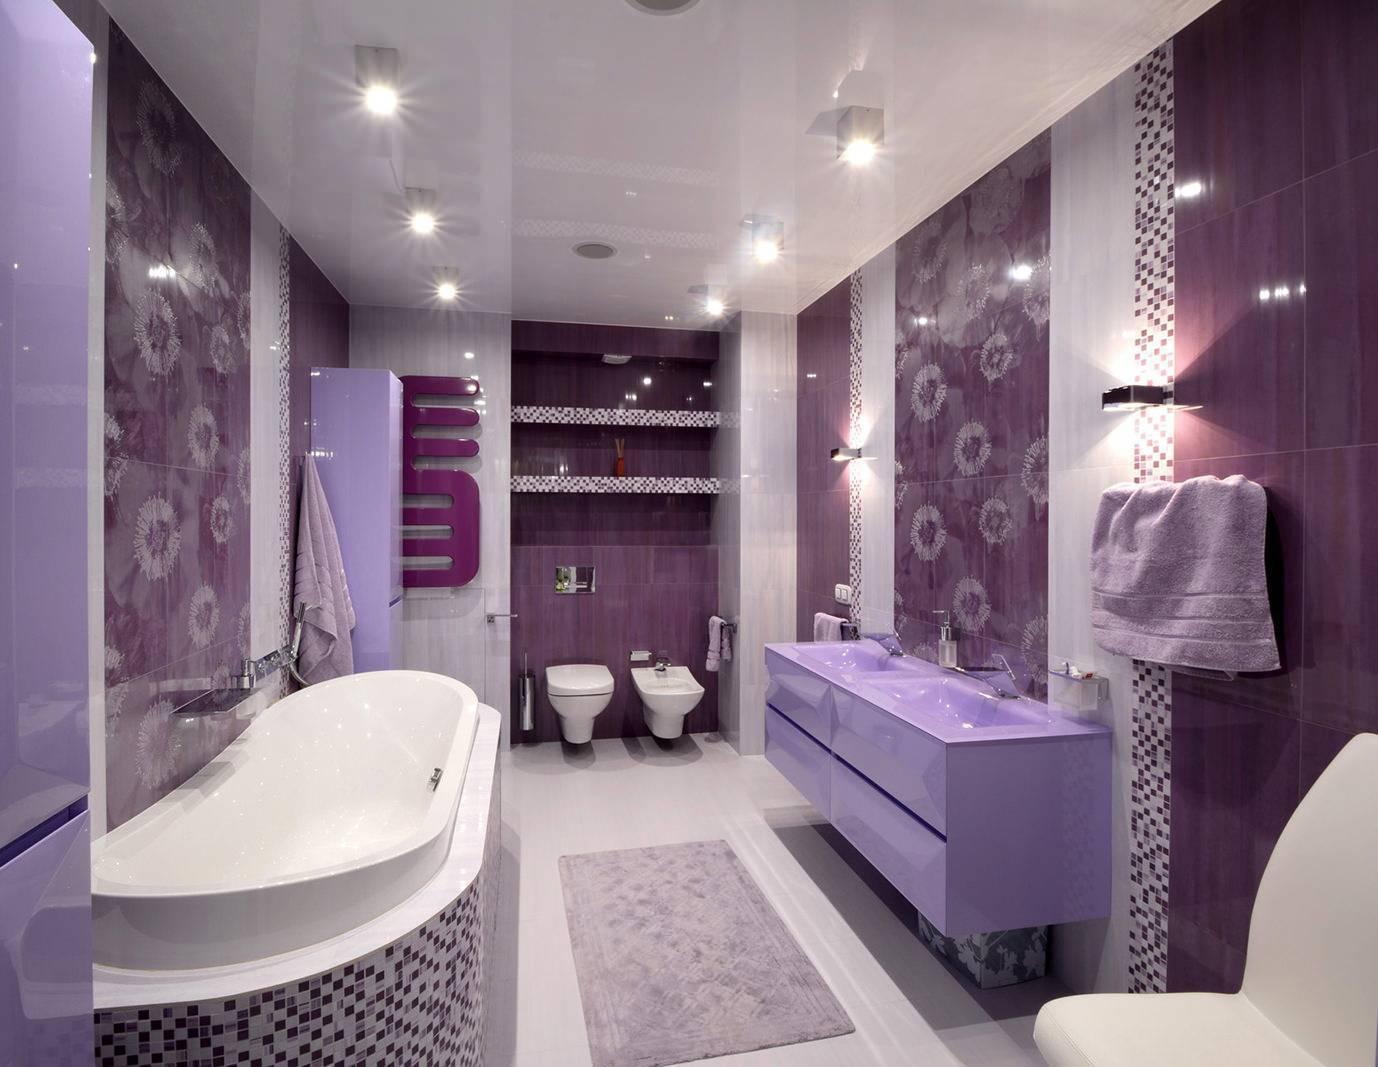 Дизайн ванной комнаты с окном: 40 современных фото с лучшими идеями